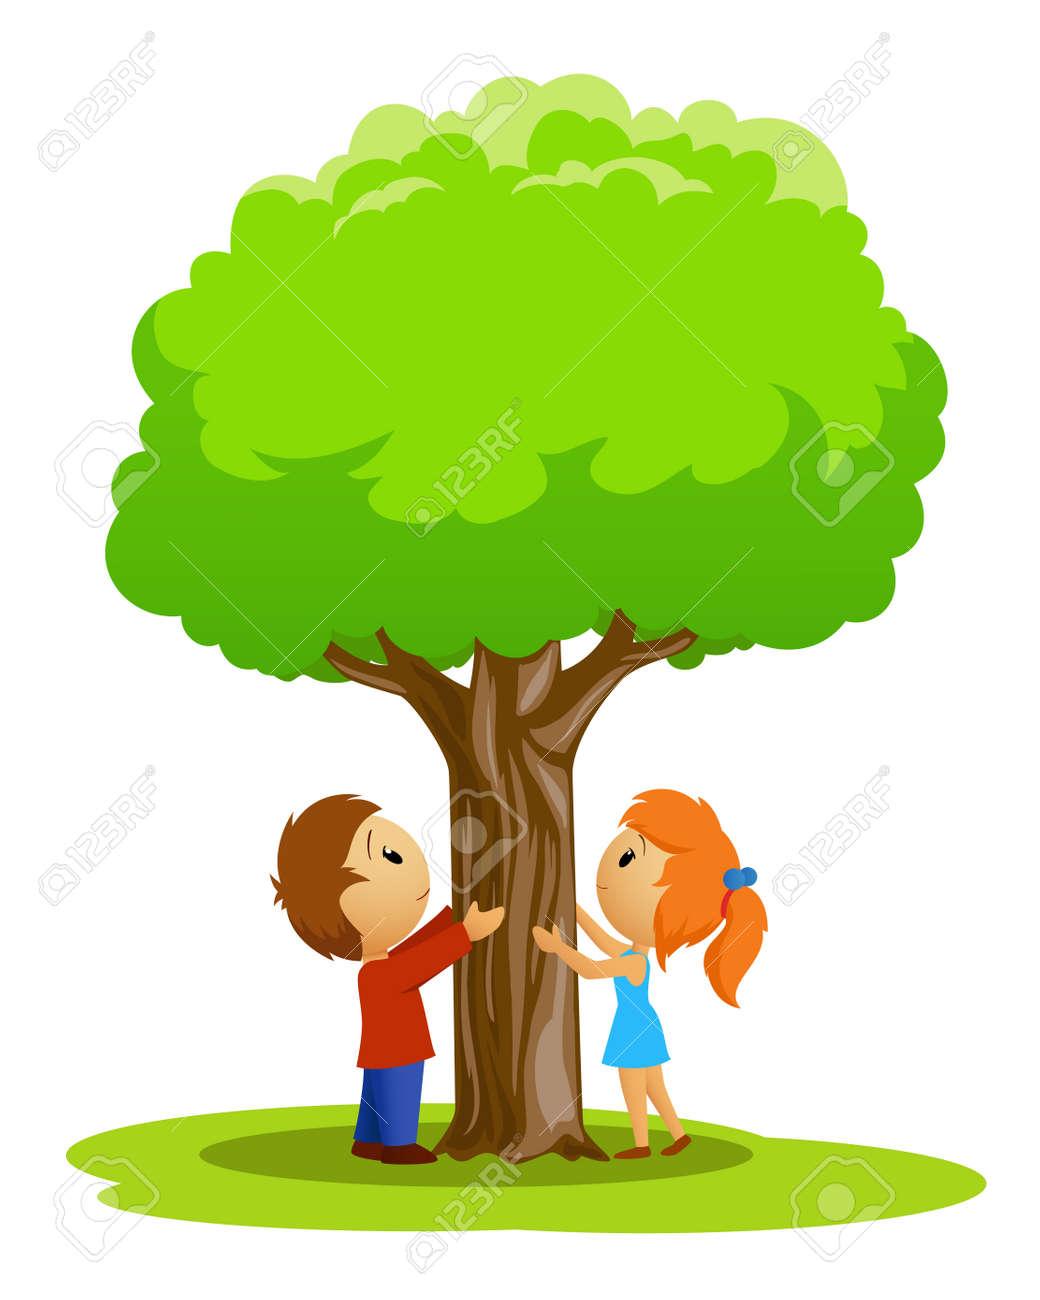 Lugar De Dibujos Animados Con Niños Y Niñas Tocó árbol En El Fondo